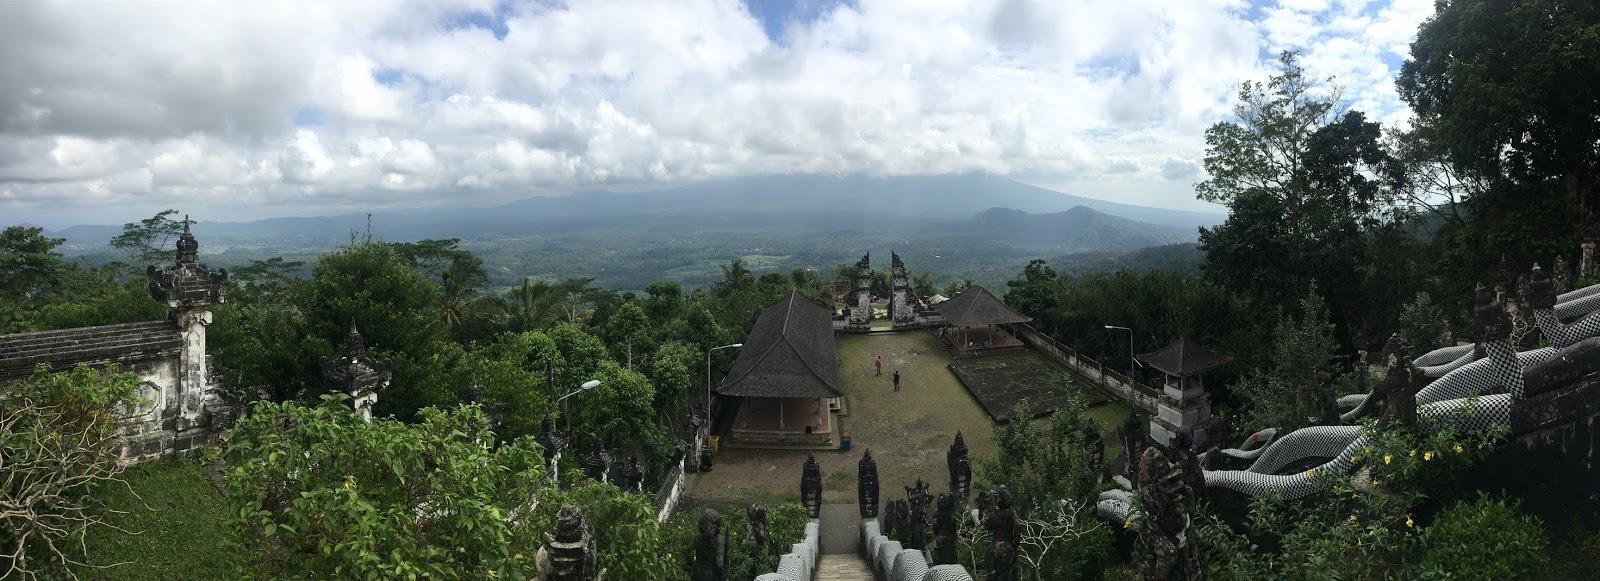 Balilla temppelillä.